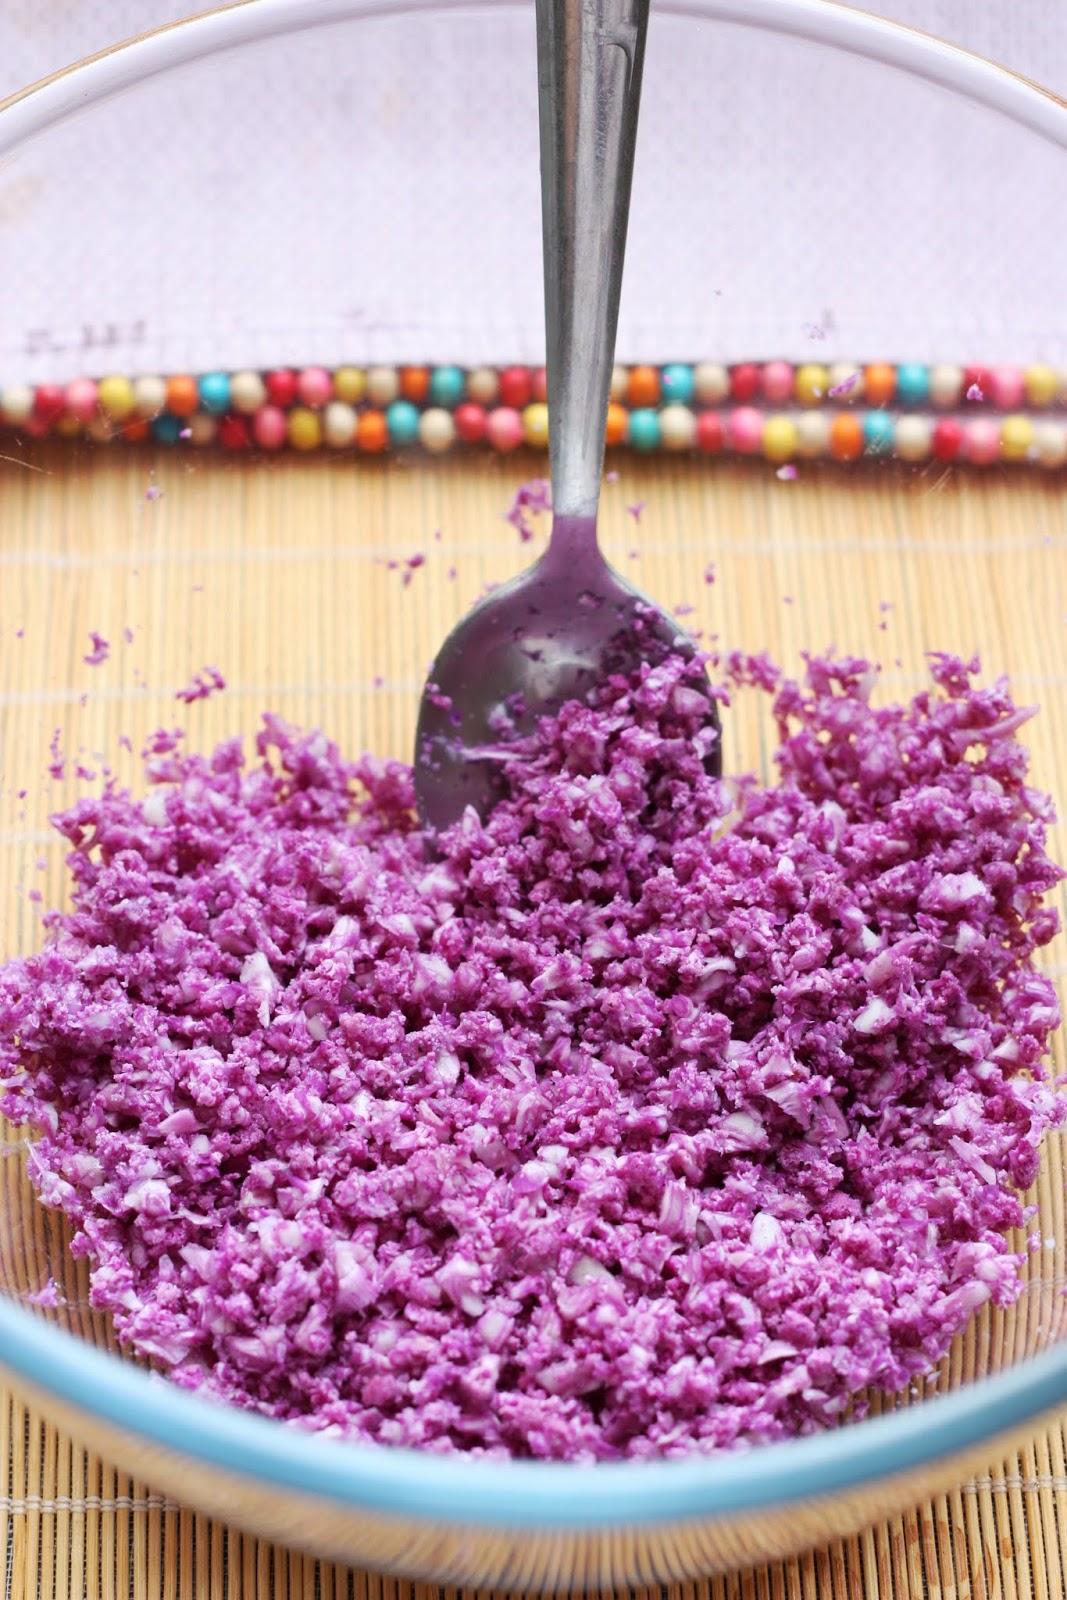 Les petits plats de Rose: Taboulé de chou-fleur violet à la violette